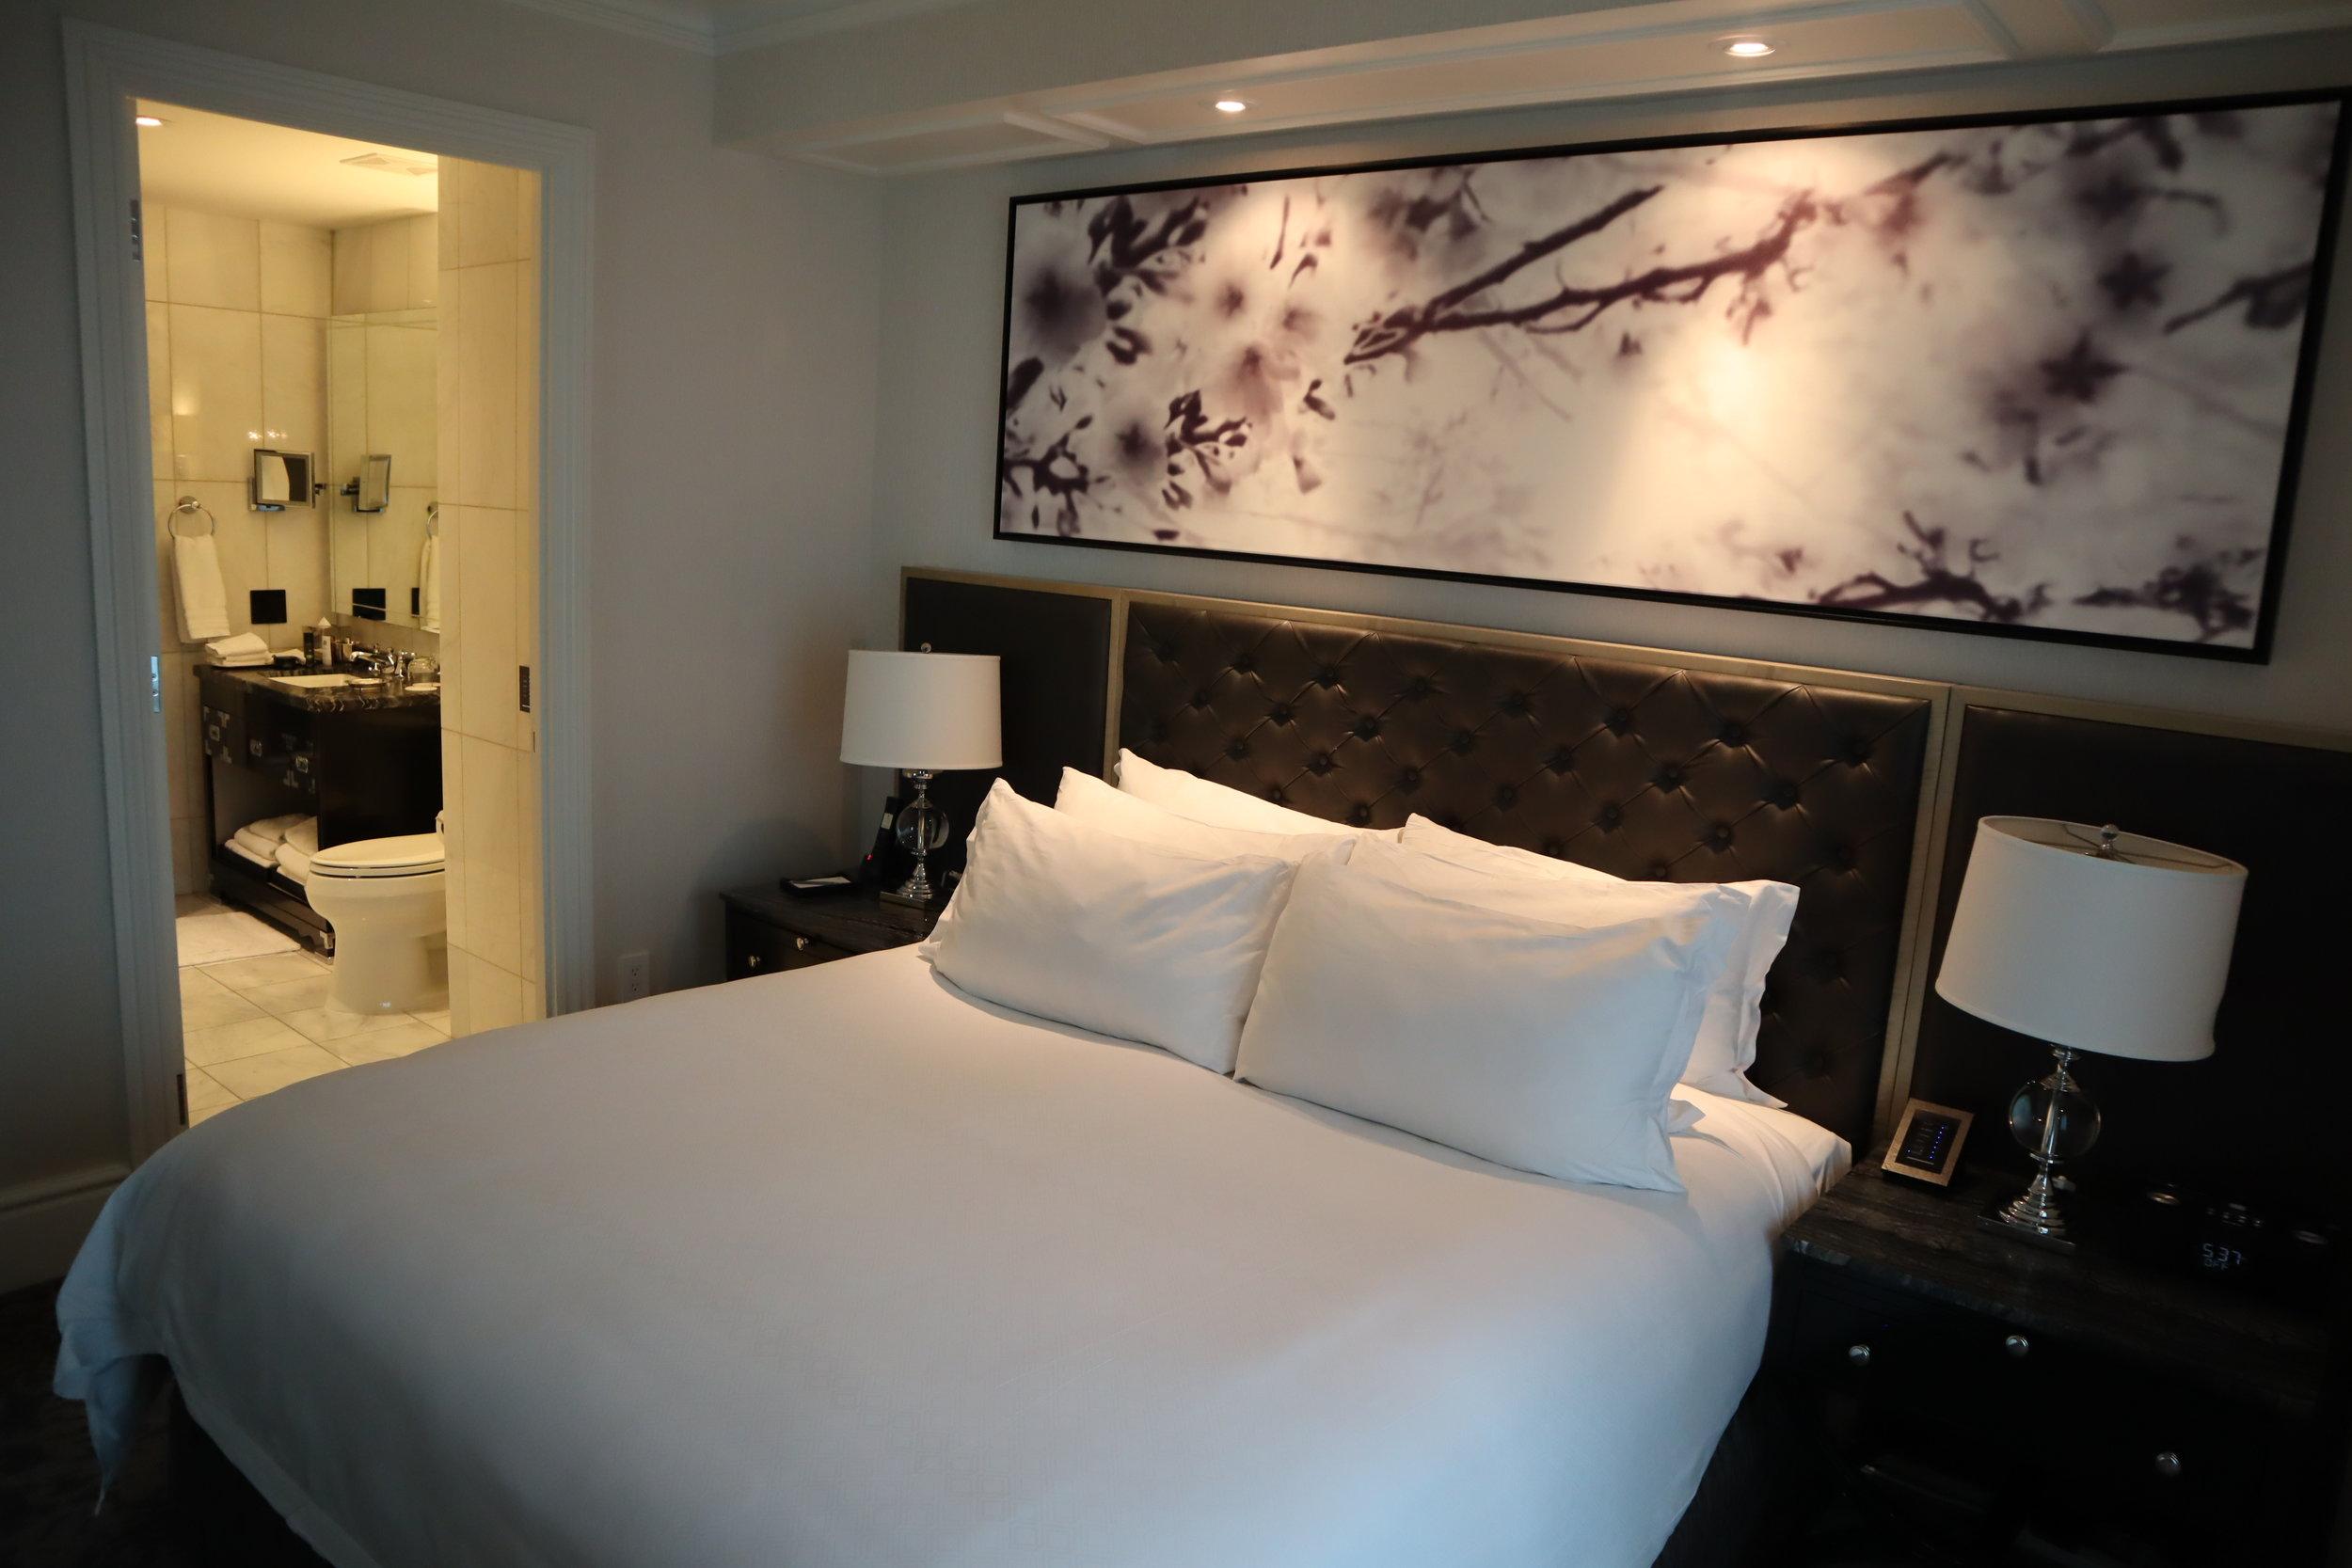 St. Regis Toronto – Two-bedroom suite guest bedroom king bed